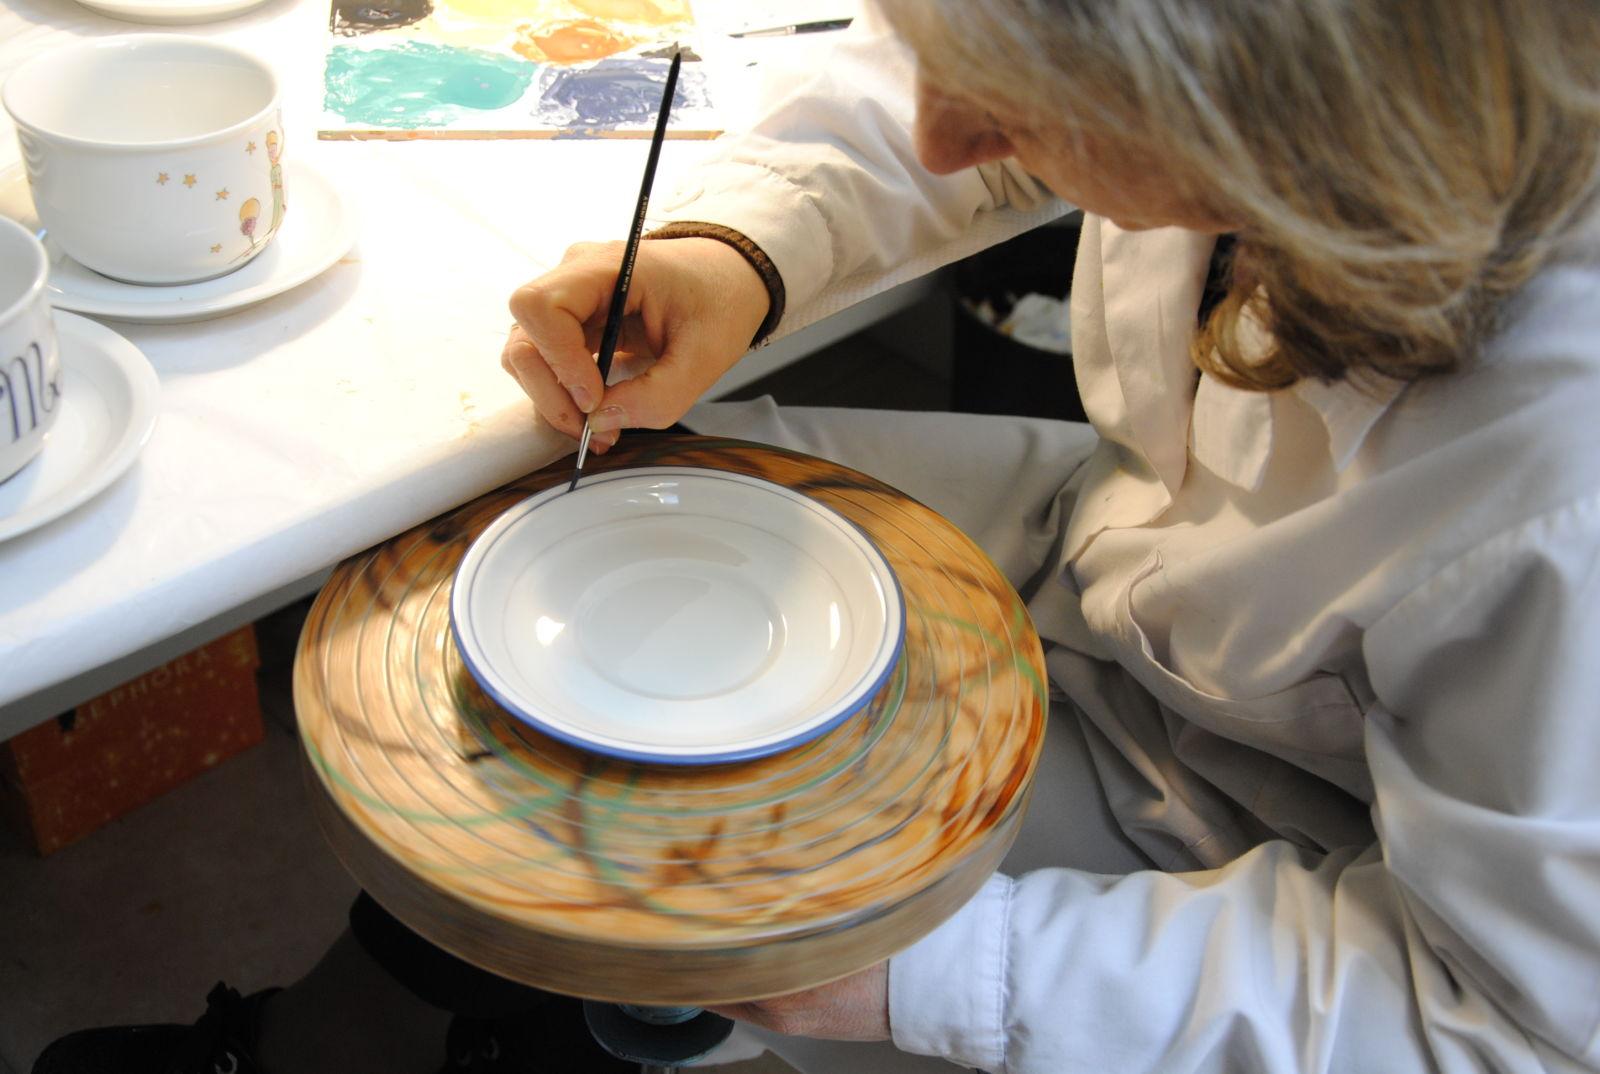 2009 02 01 20.41.32 Decorage di Navoni Rosella   artigiana del decoro